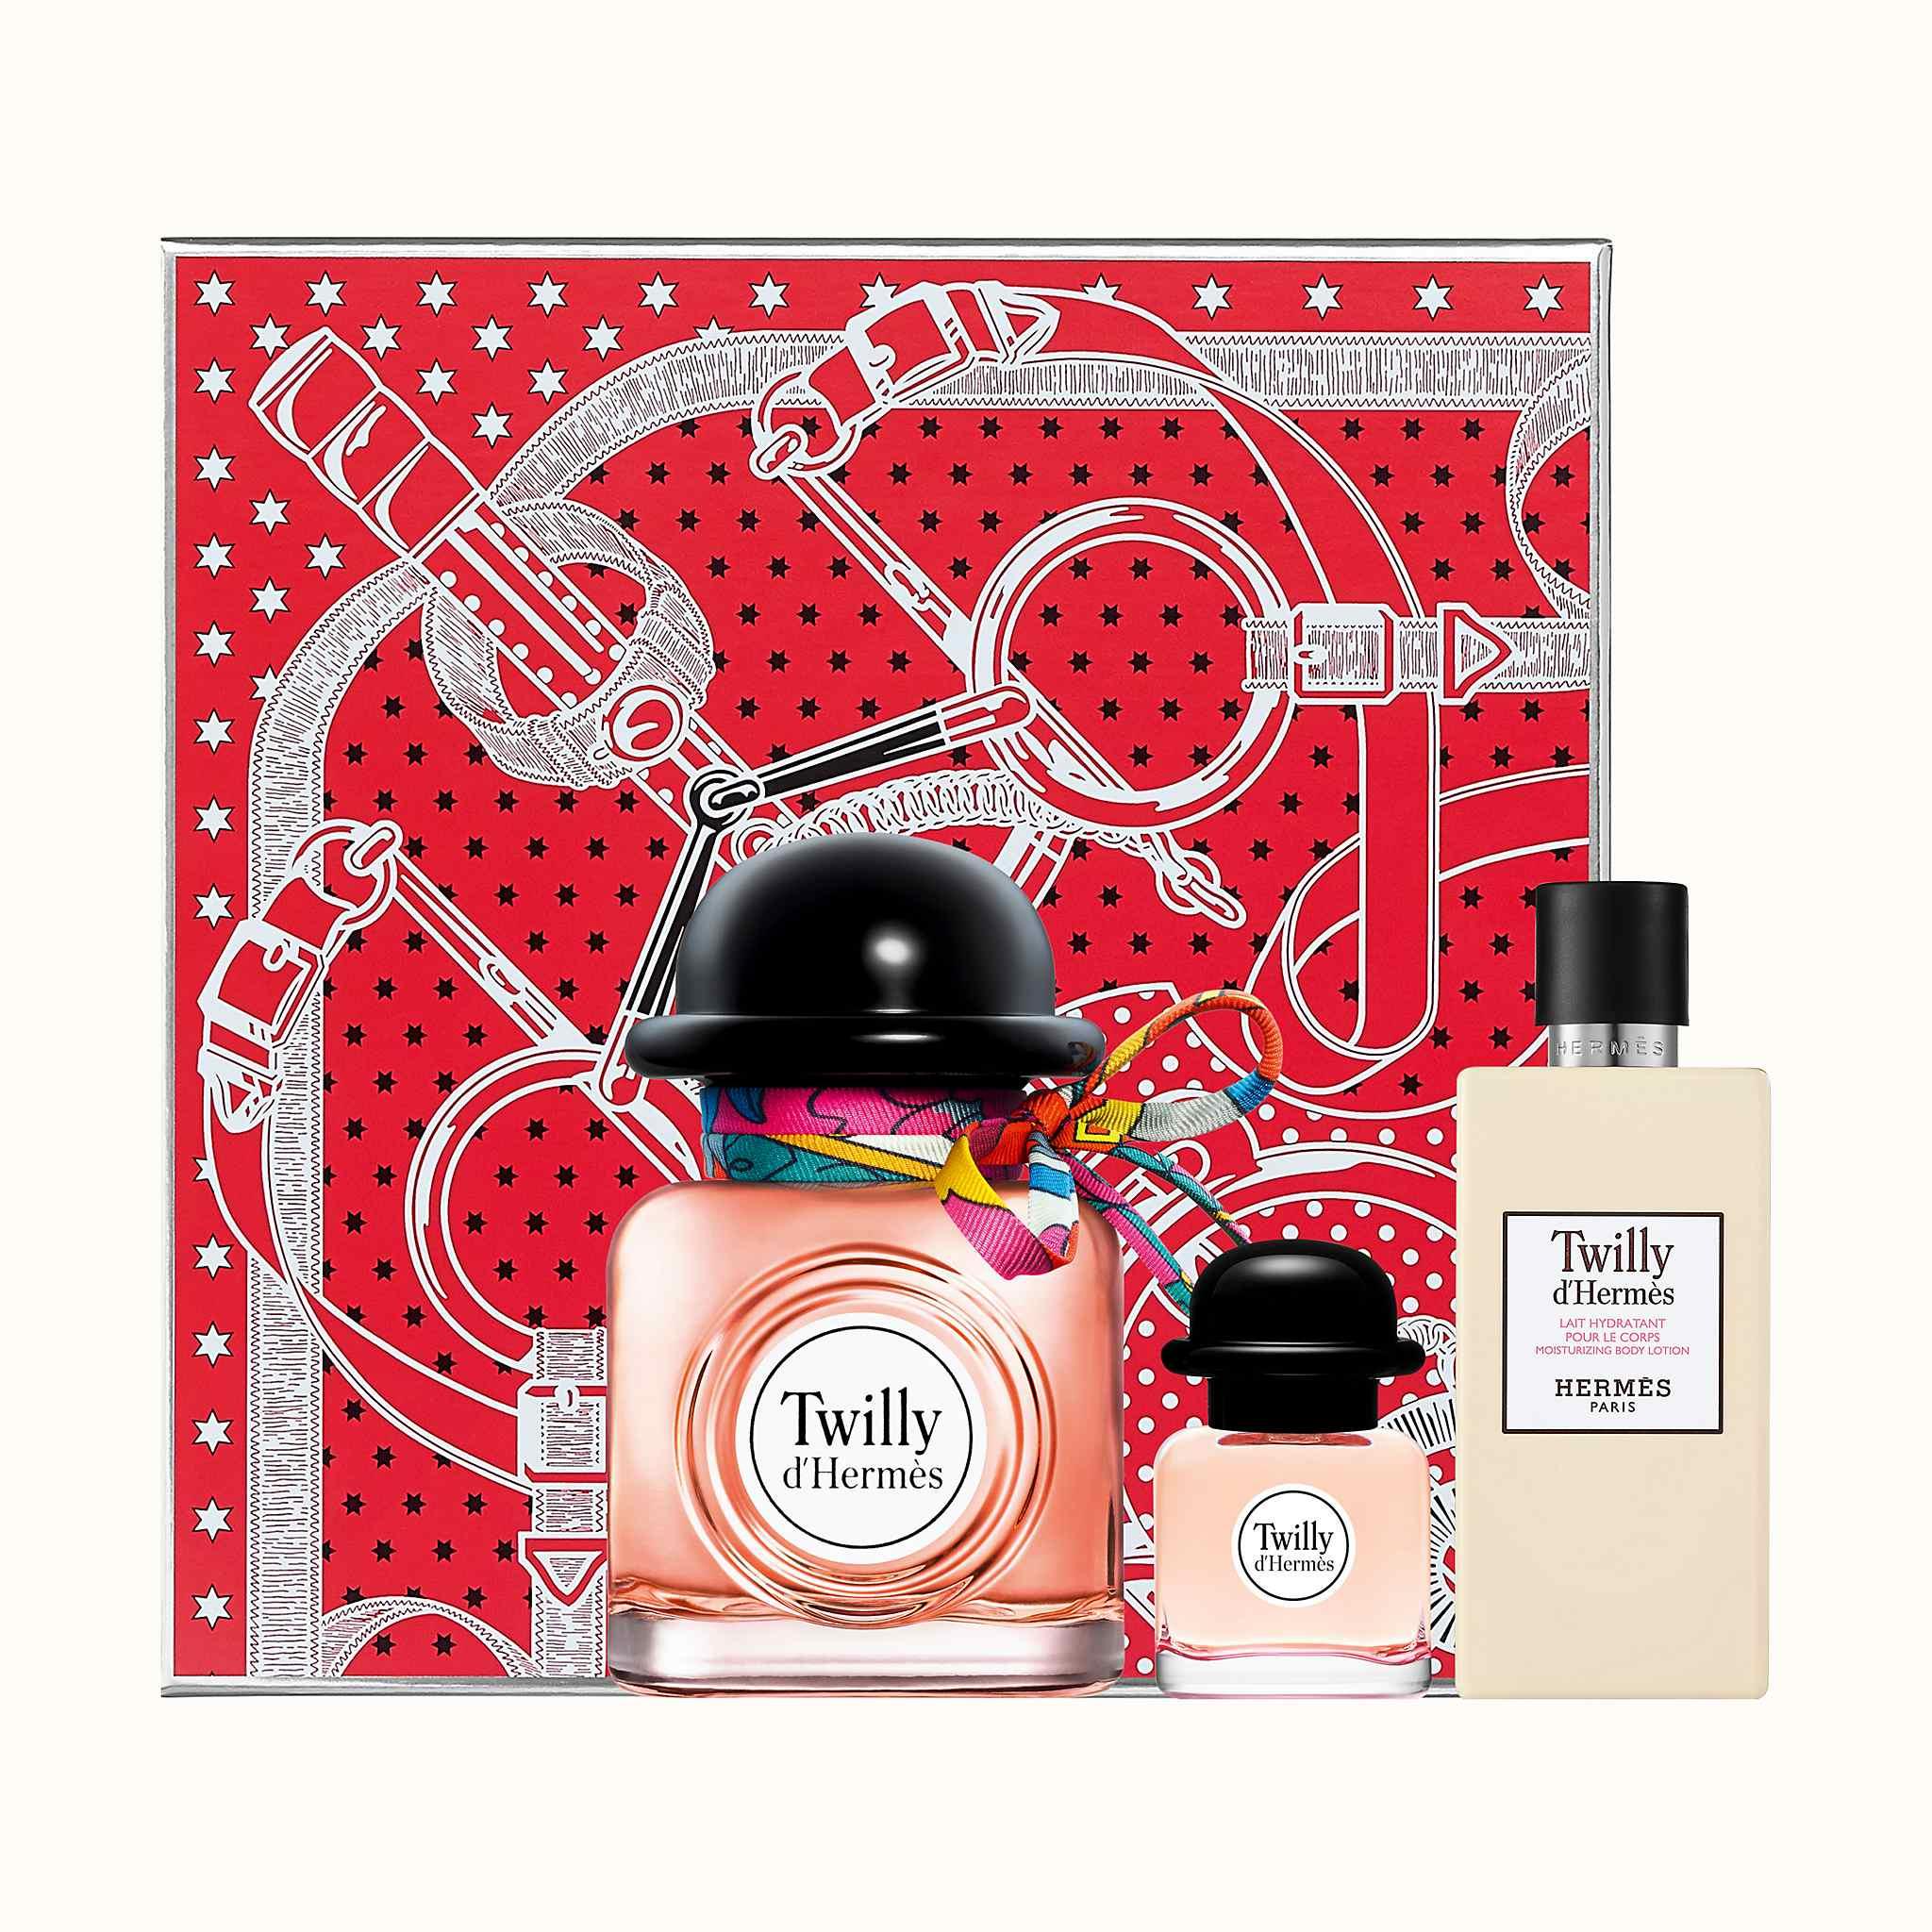 Coffret D'hermès Parfum De Twilly Eau deCrxoWB